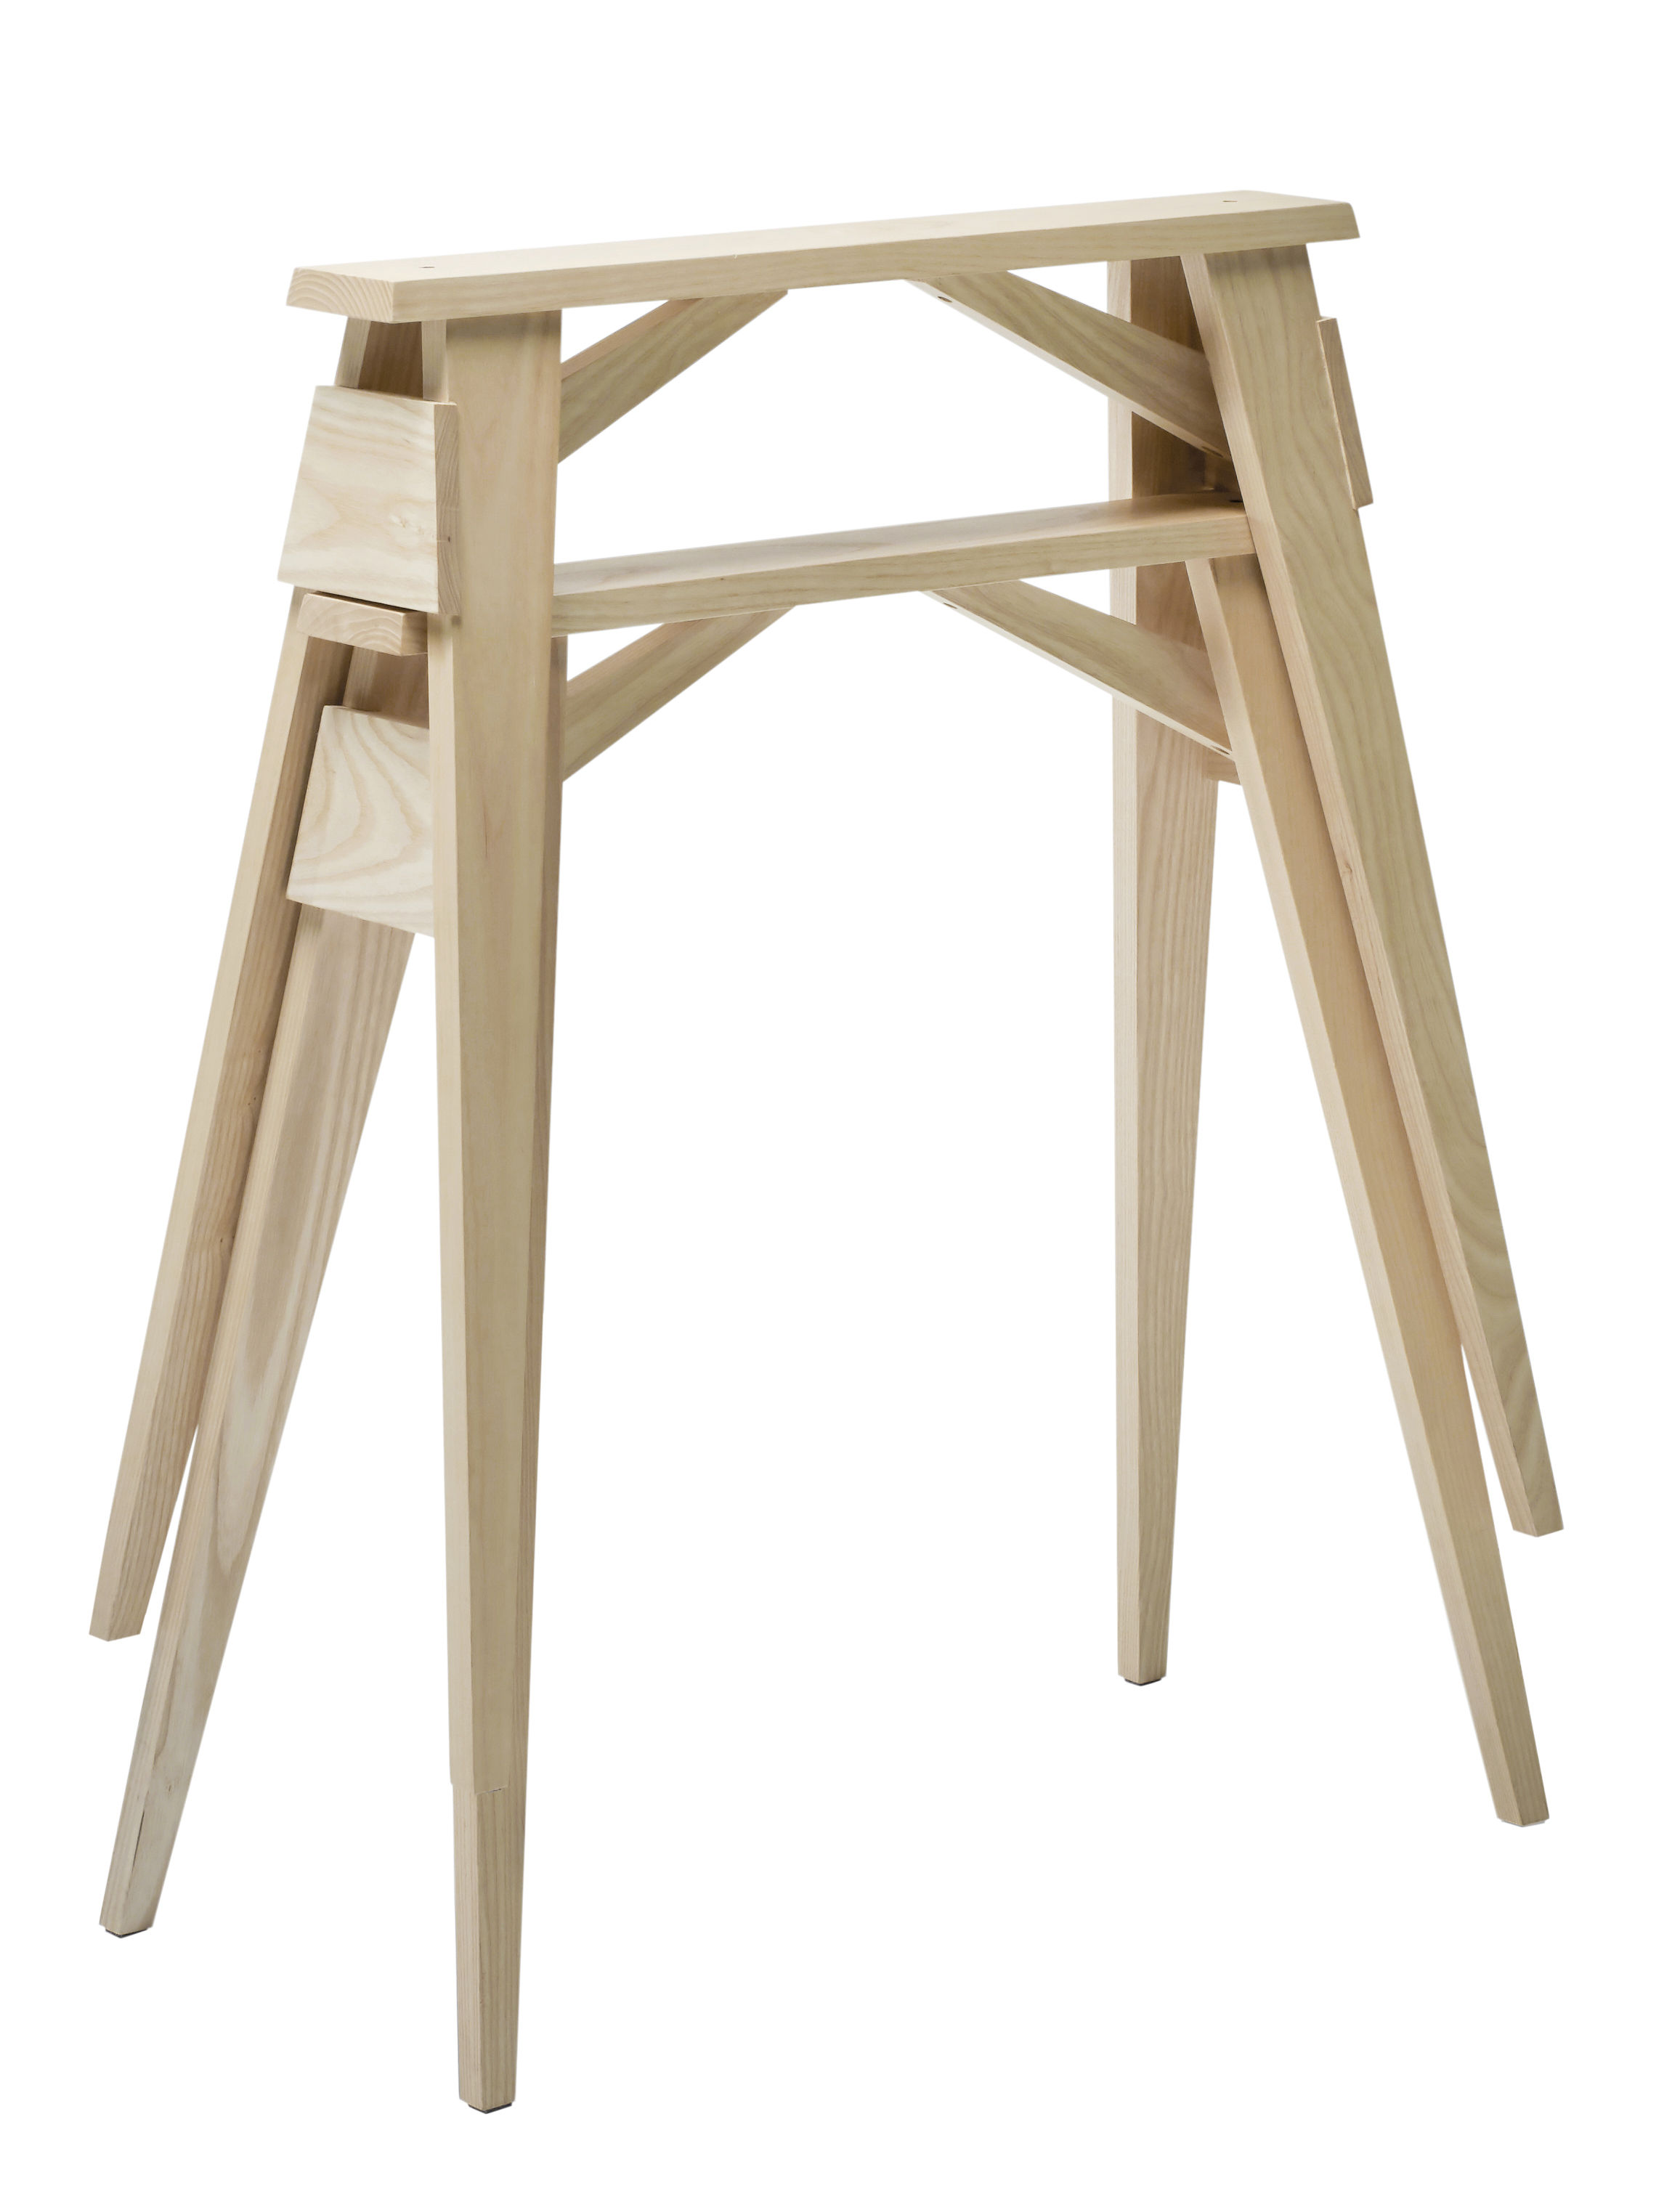 Mobilier - Bureaux - Paire de tréteaux Arco - Design House Stockholm - Frêne naturel - Frêne